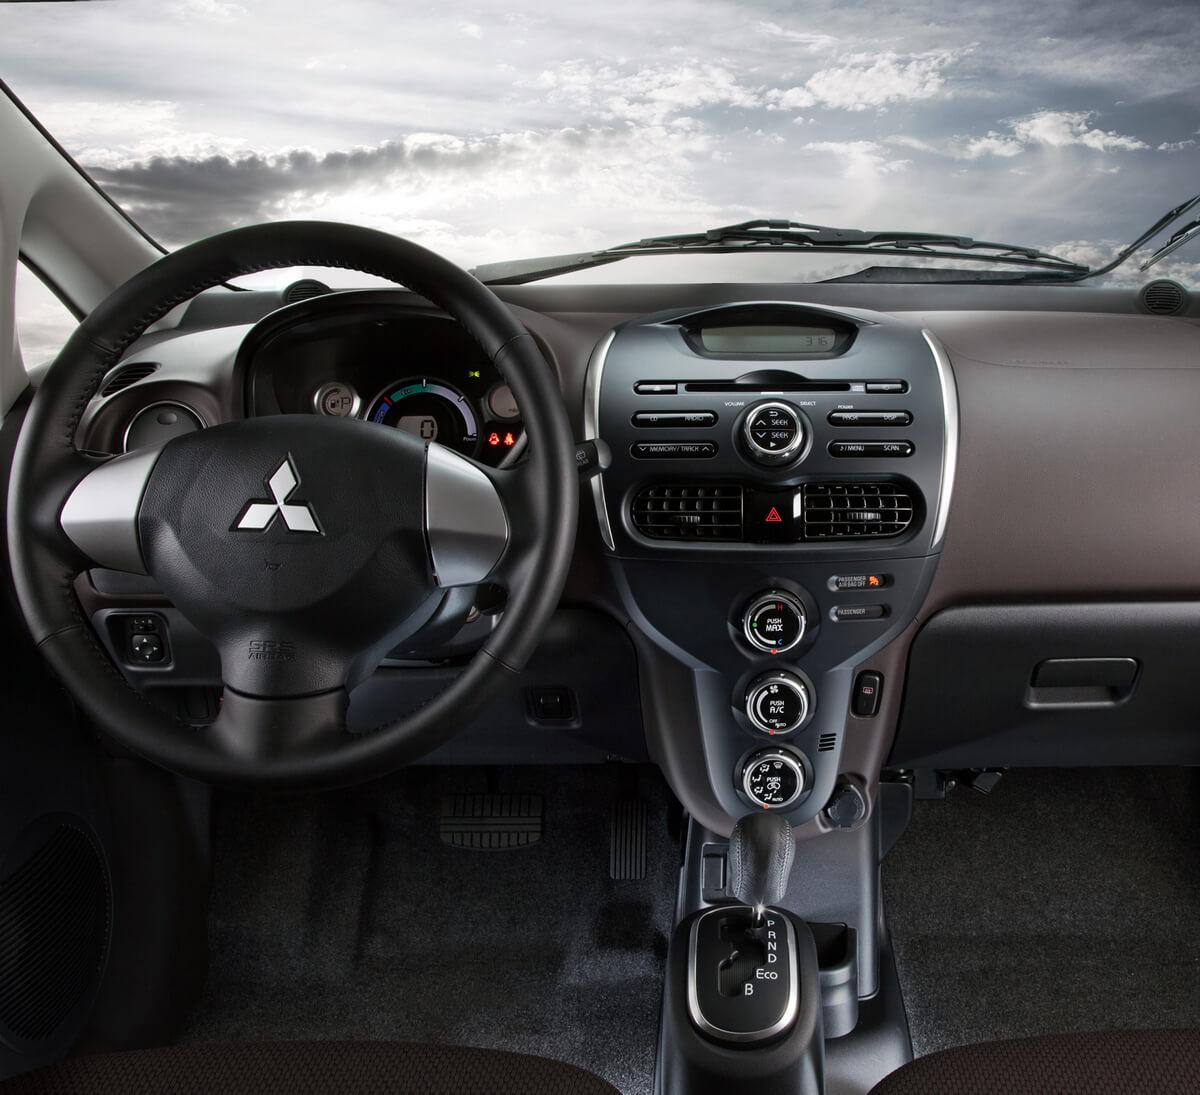 Mitsubishi i MiEV interior